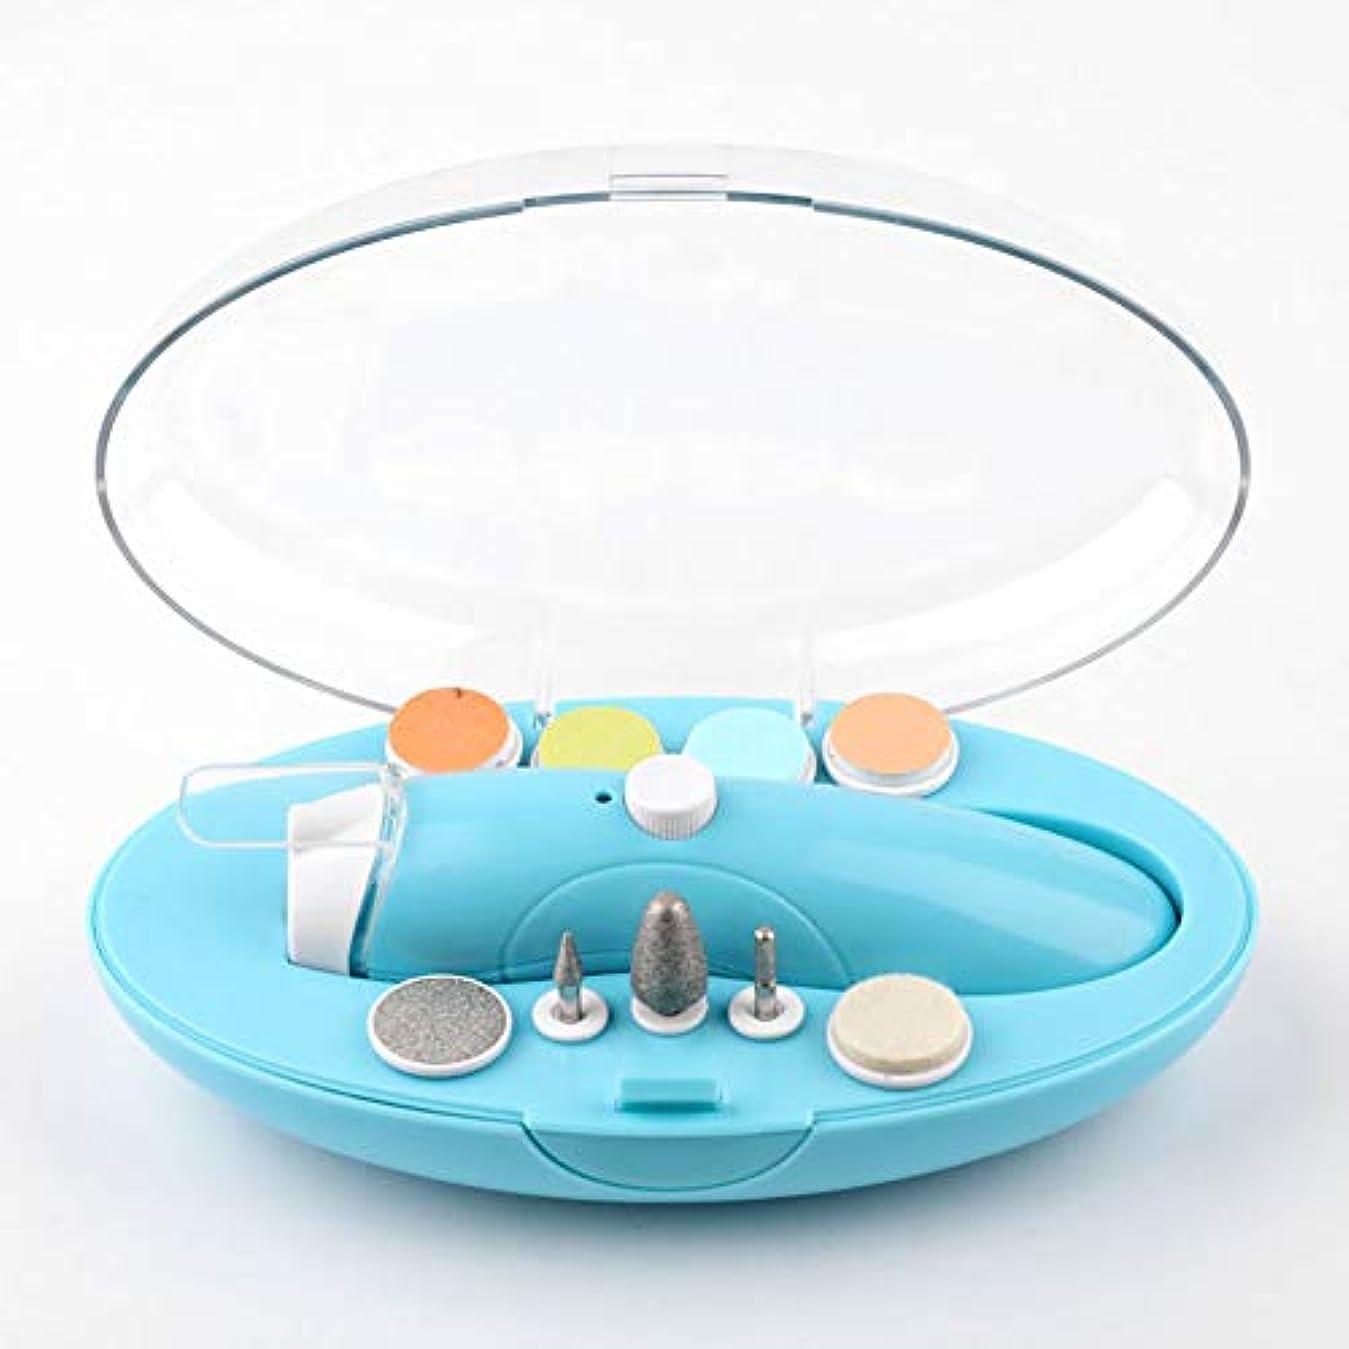 電動ネイルケアキットベビーレーベルネイルケアセットアタッチメン新生児USB充電爪切り赤ちゃん電気ネイルはさみ赤ちゃんマニキュアブルー。